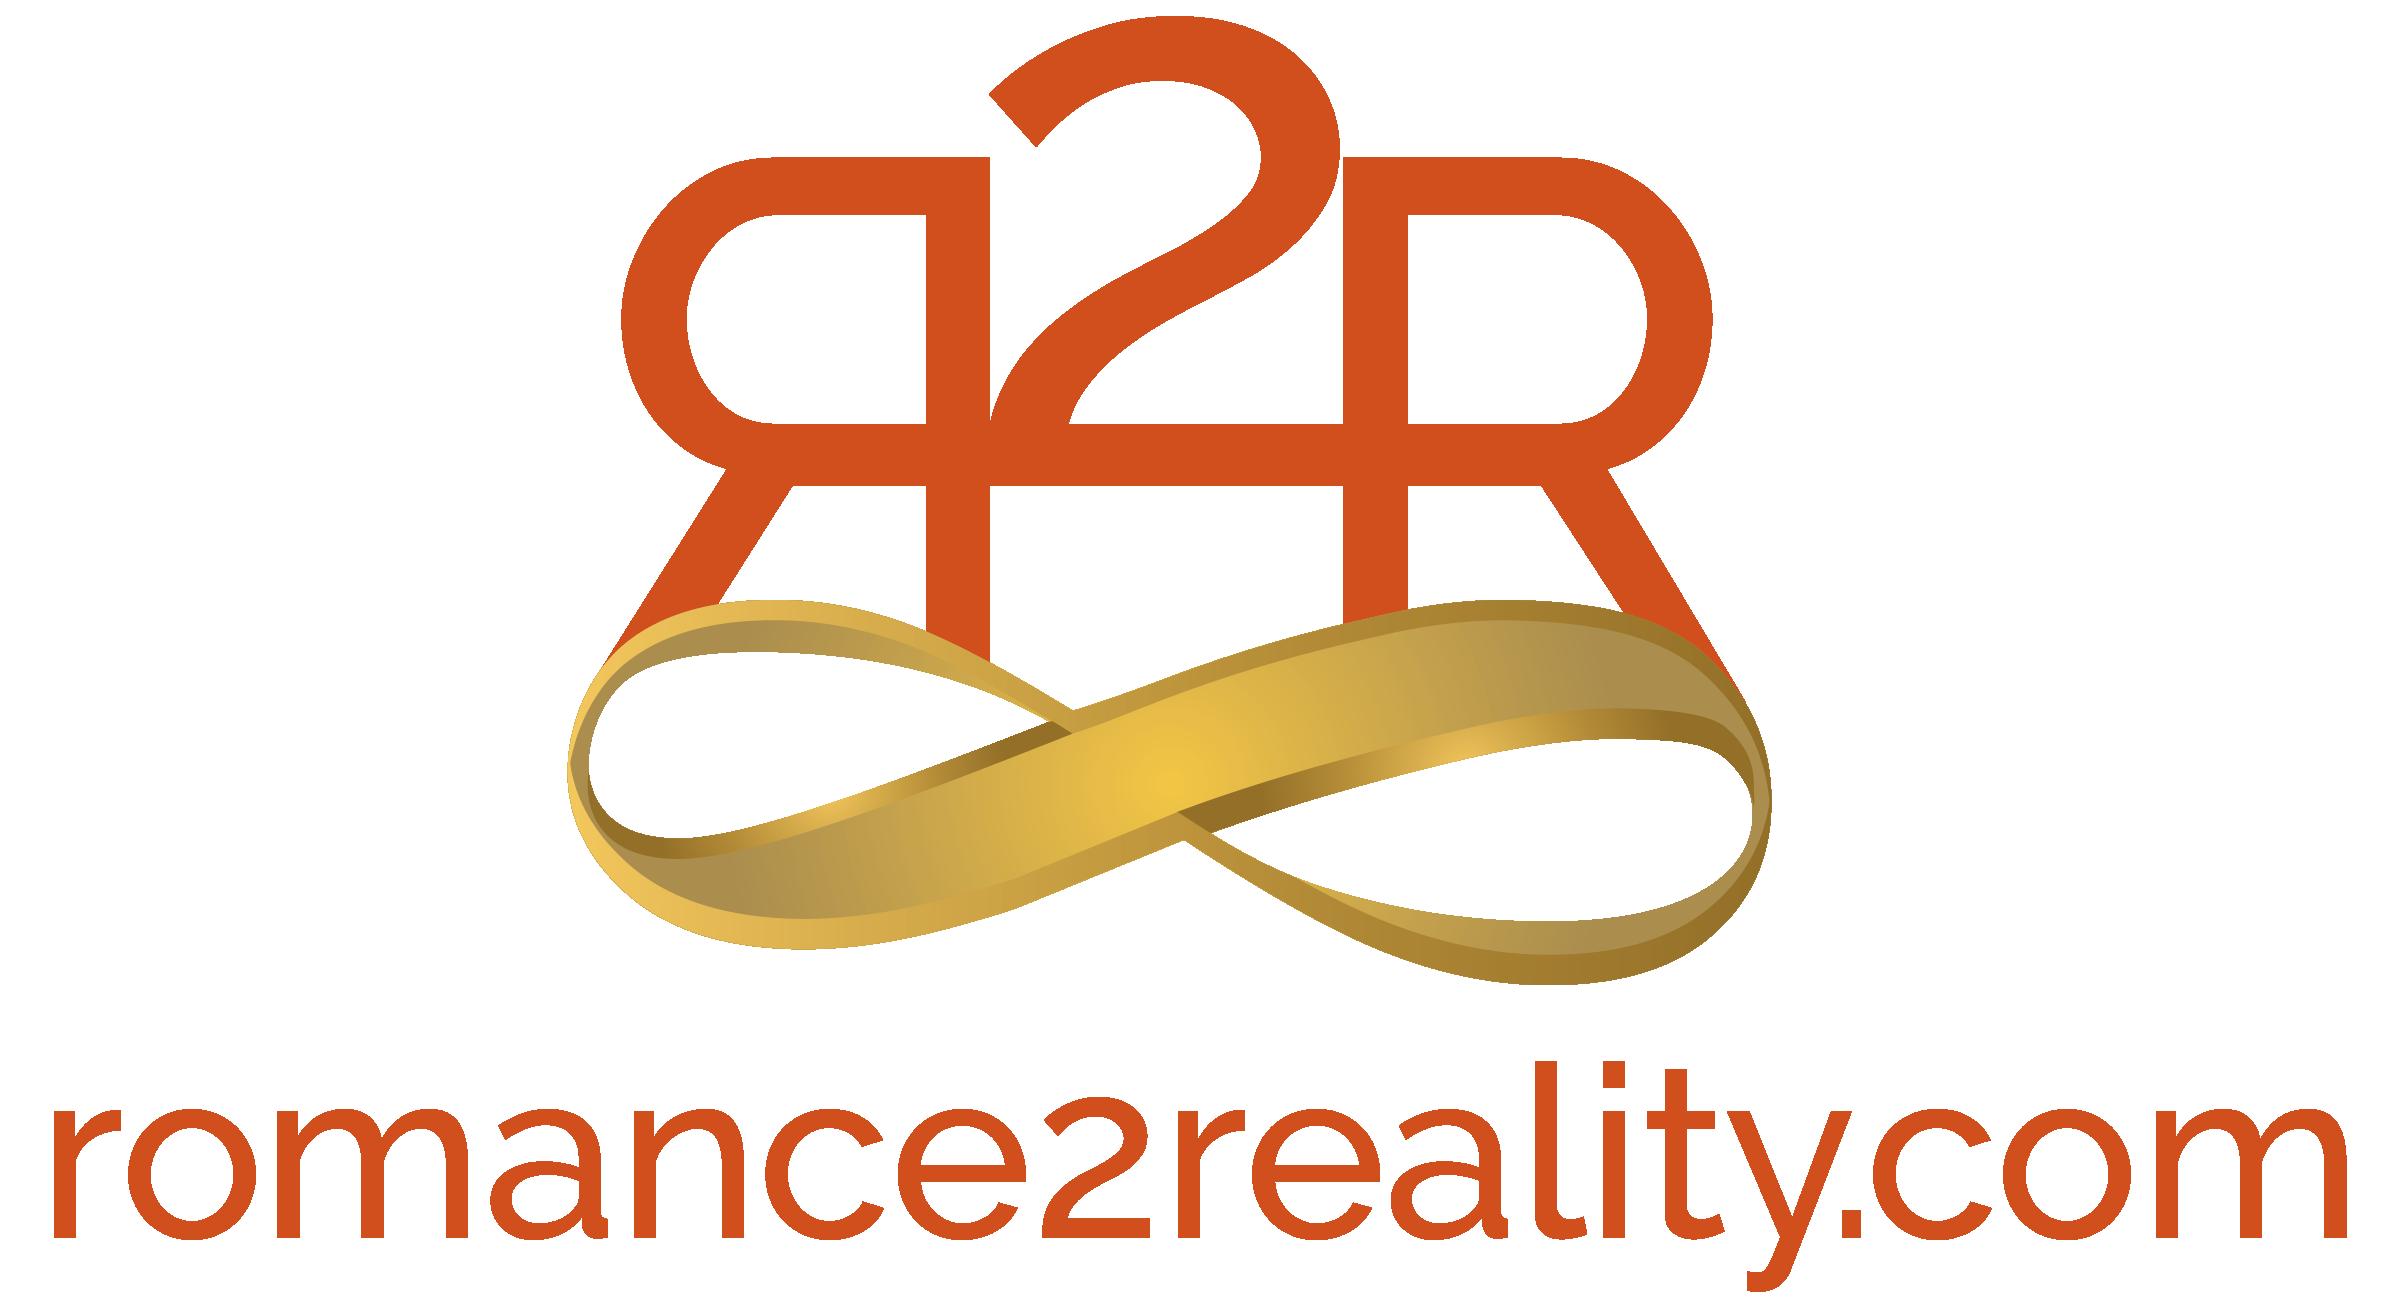 romance2reality-logo-fnl-01-trans